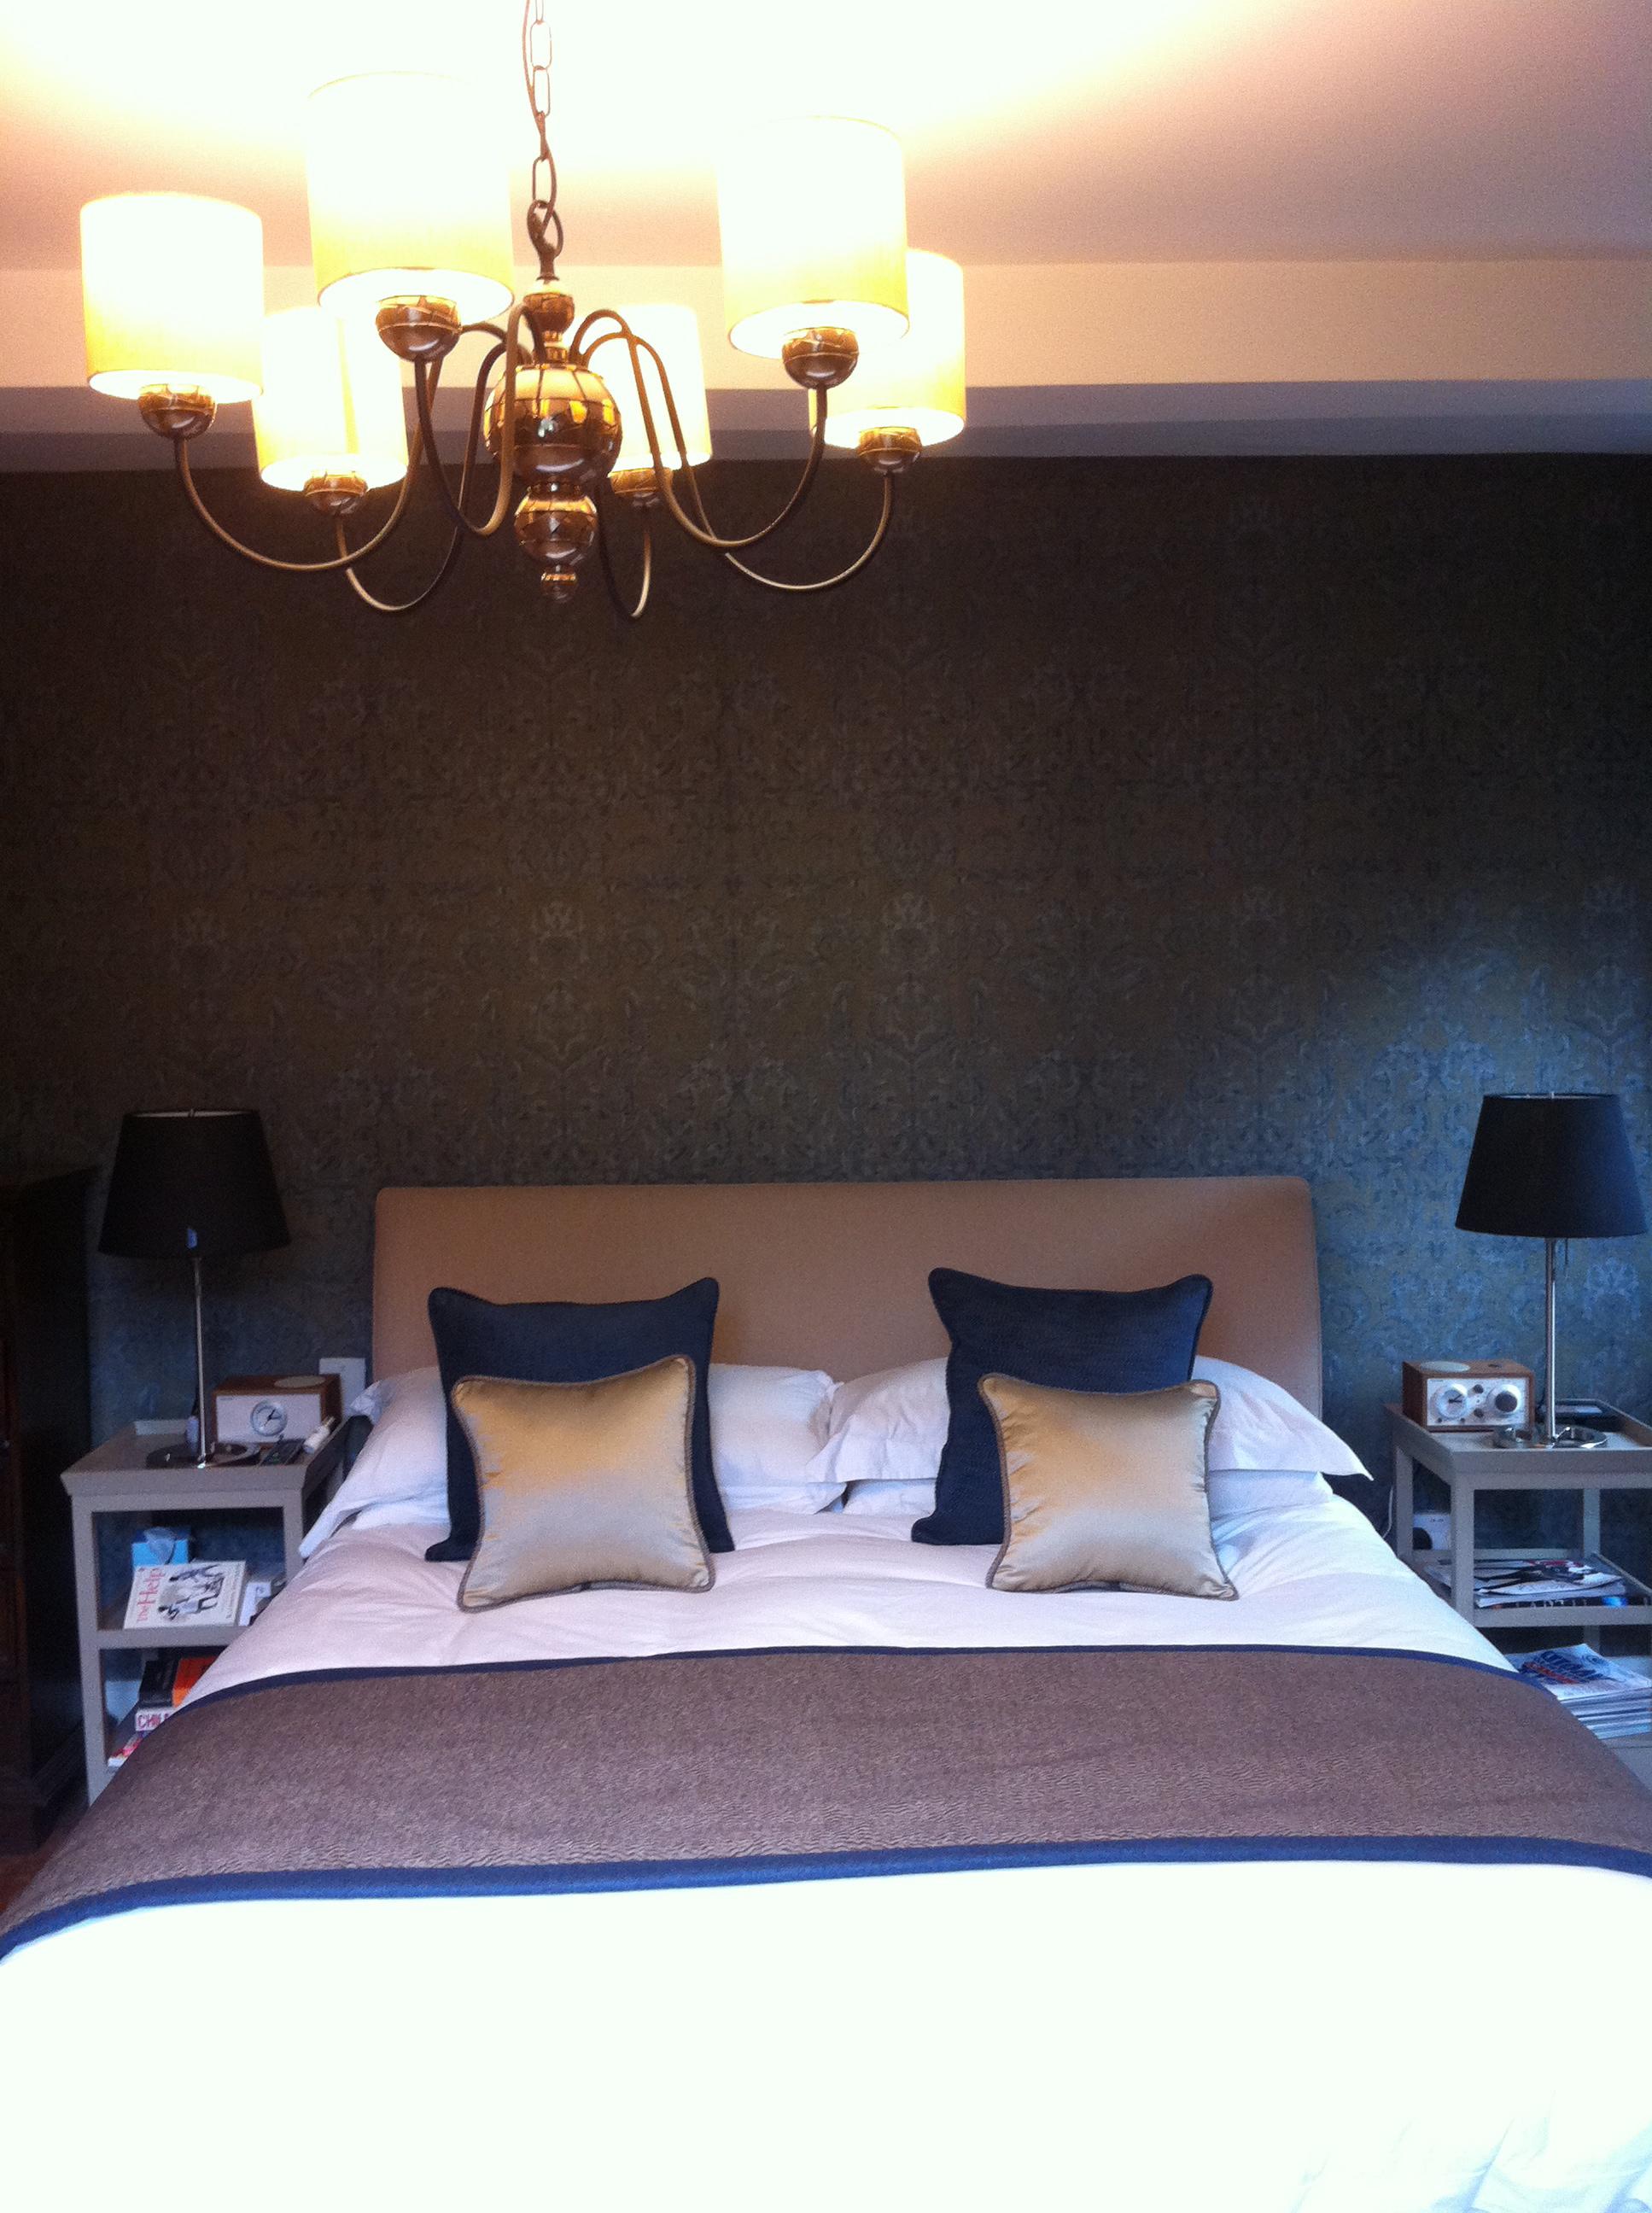 Kate's Bedroom